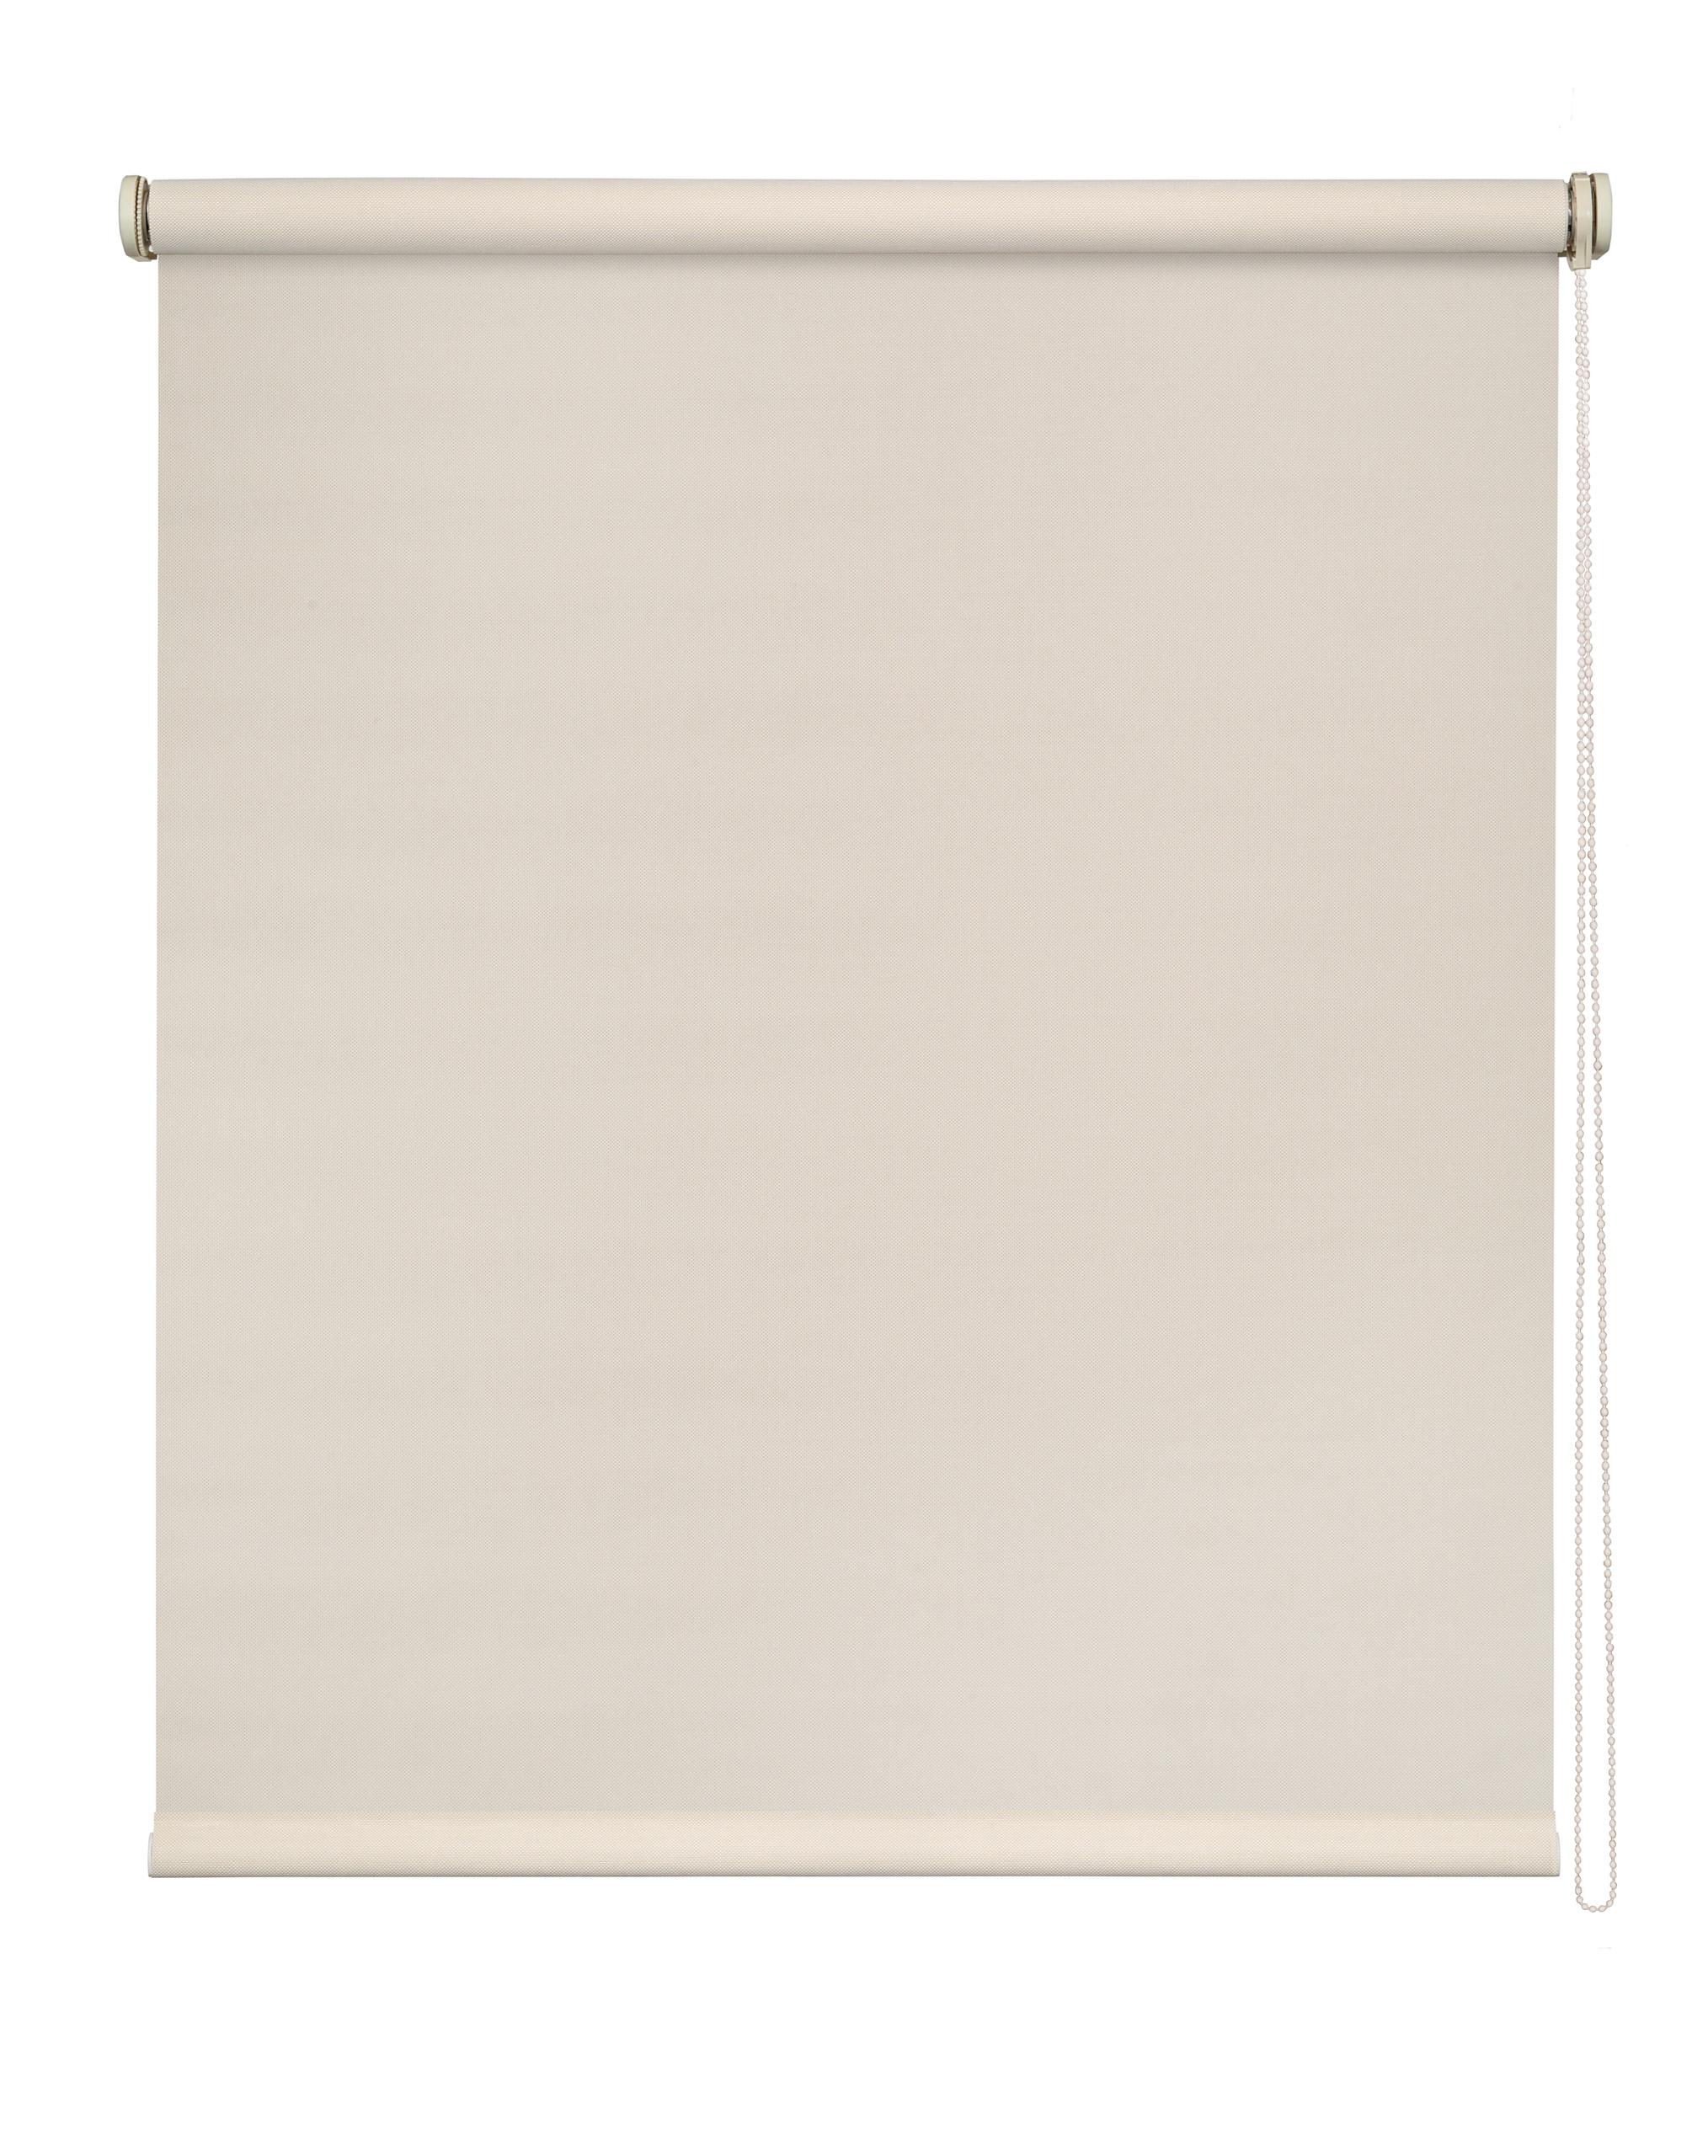 Store Enrouleur voile Screen - Gris - 200 x 250 cm